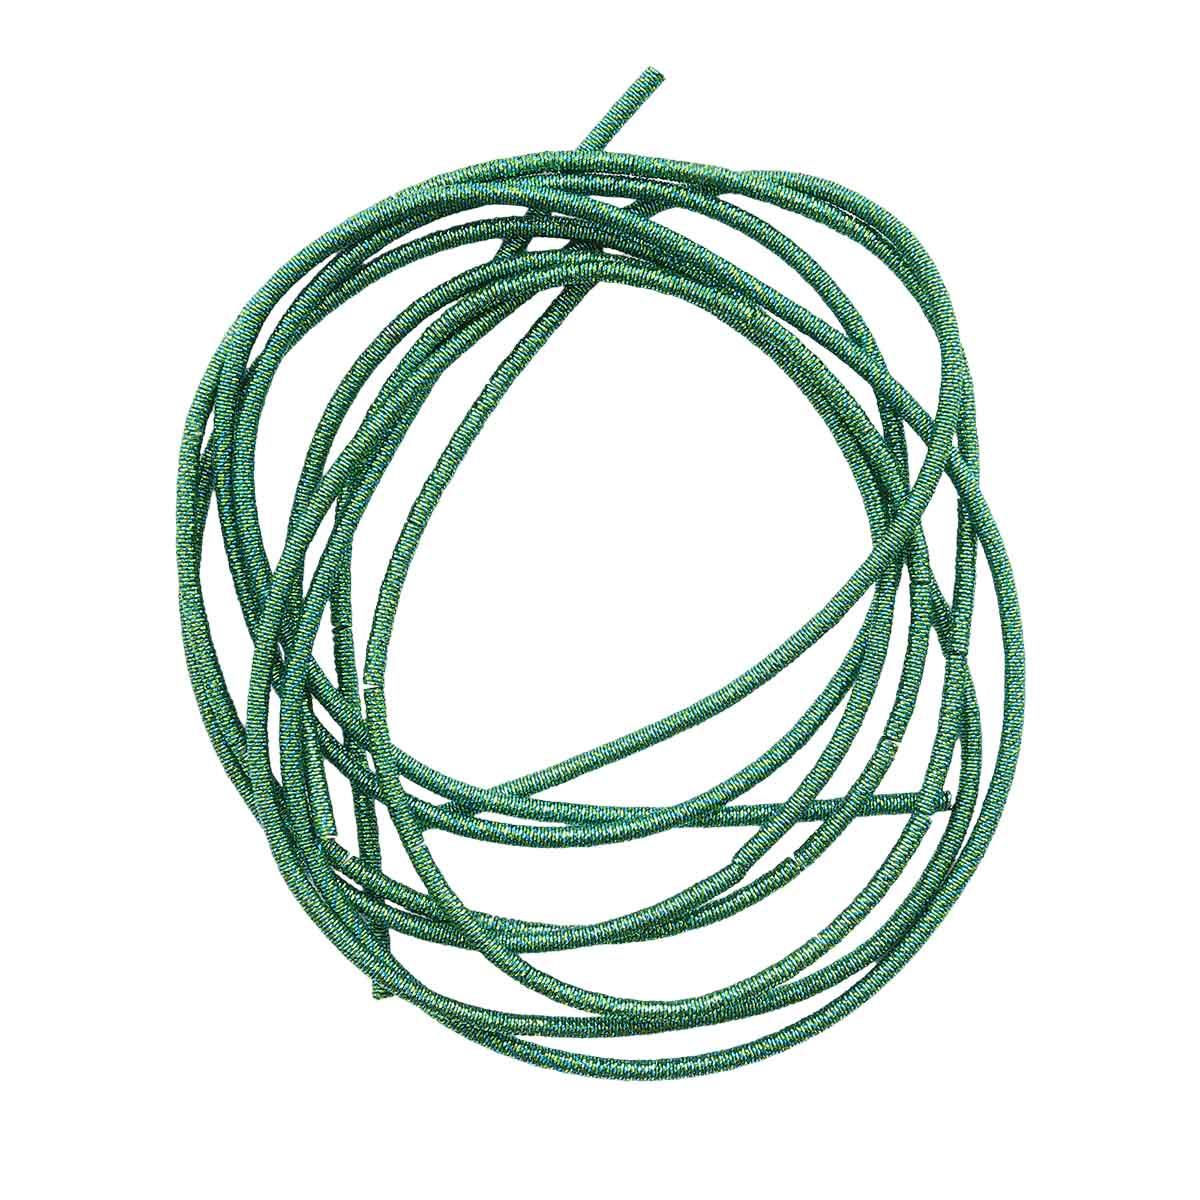 ТМ002НН1 Трунцал МИКС Зеленый 1,5 мм 5 гр. +/- 0,1 гр.